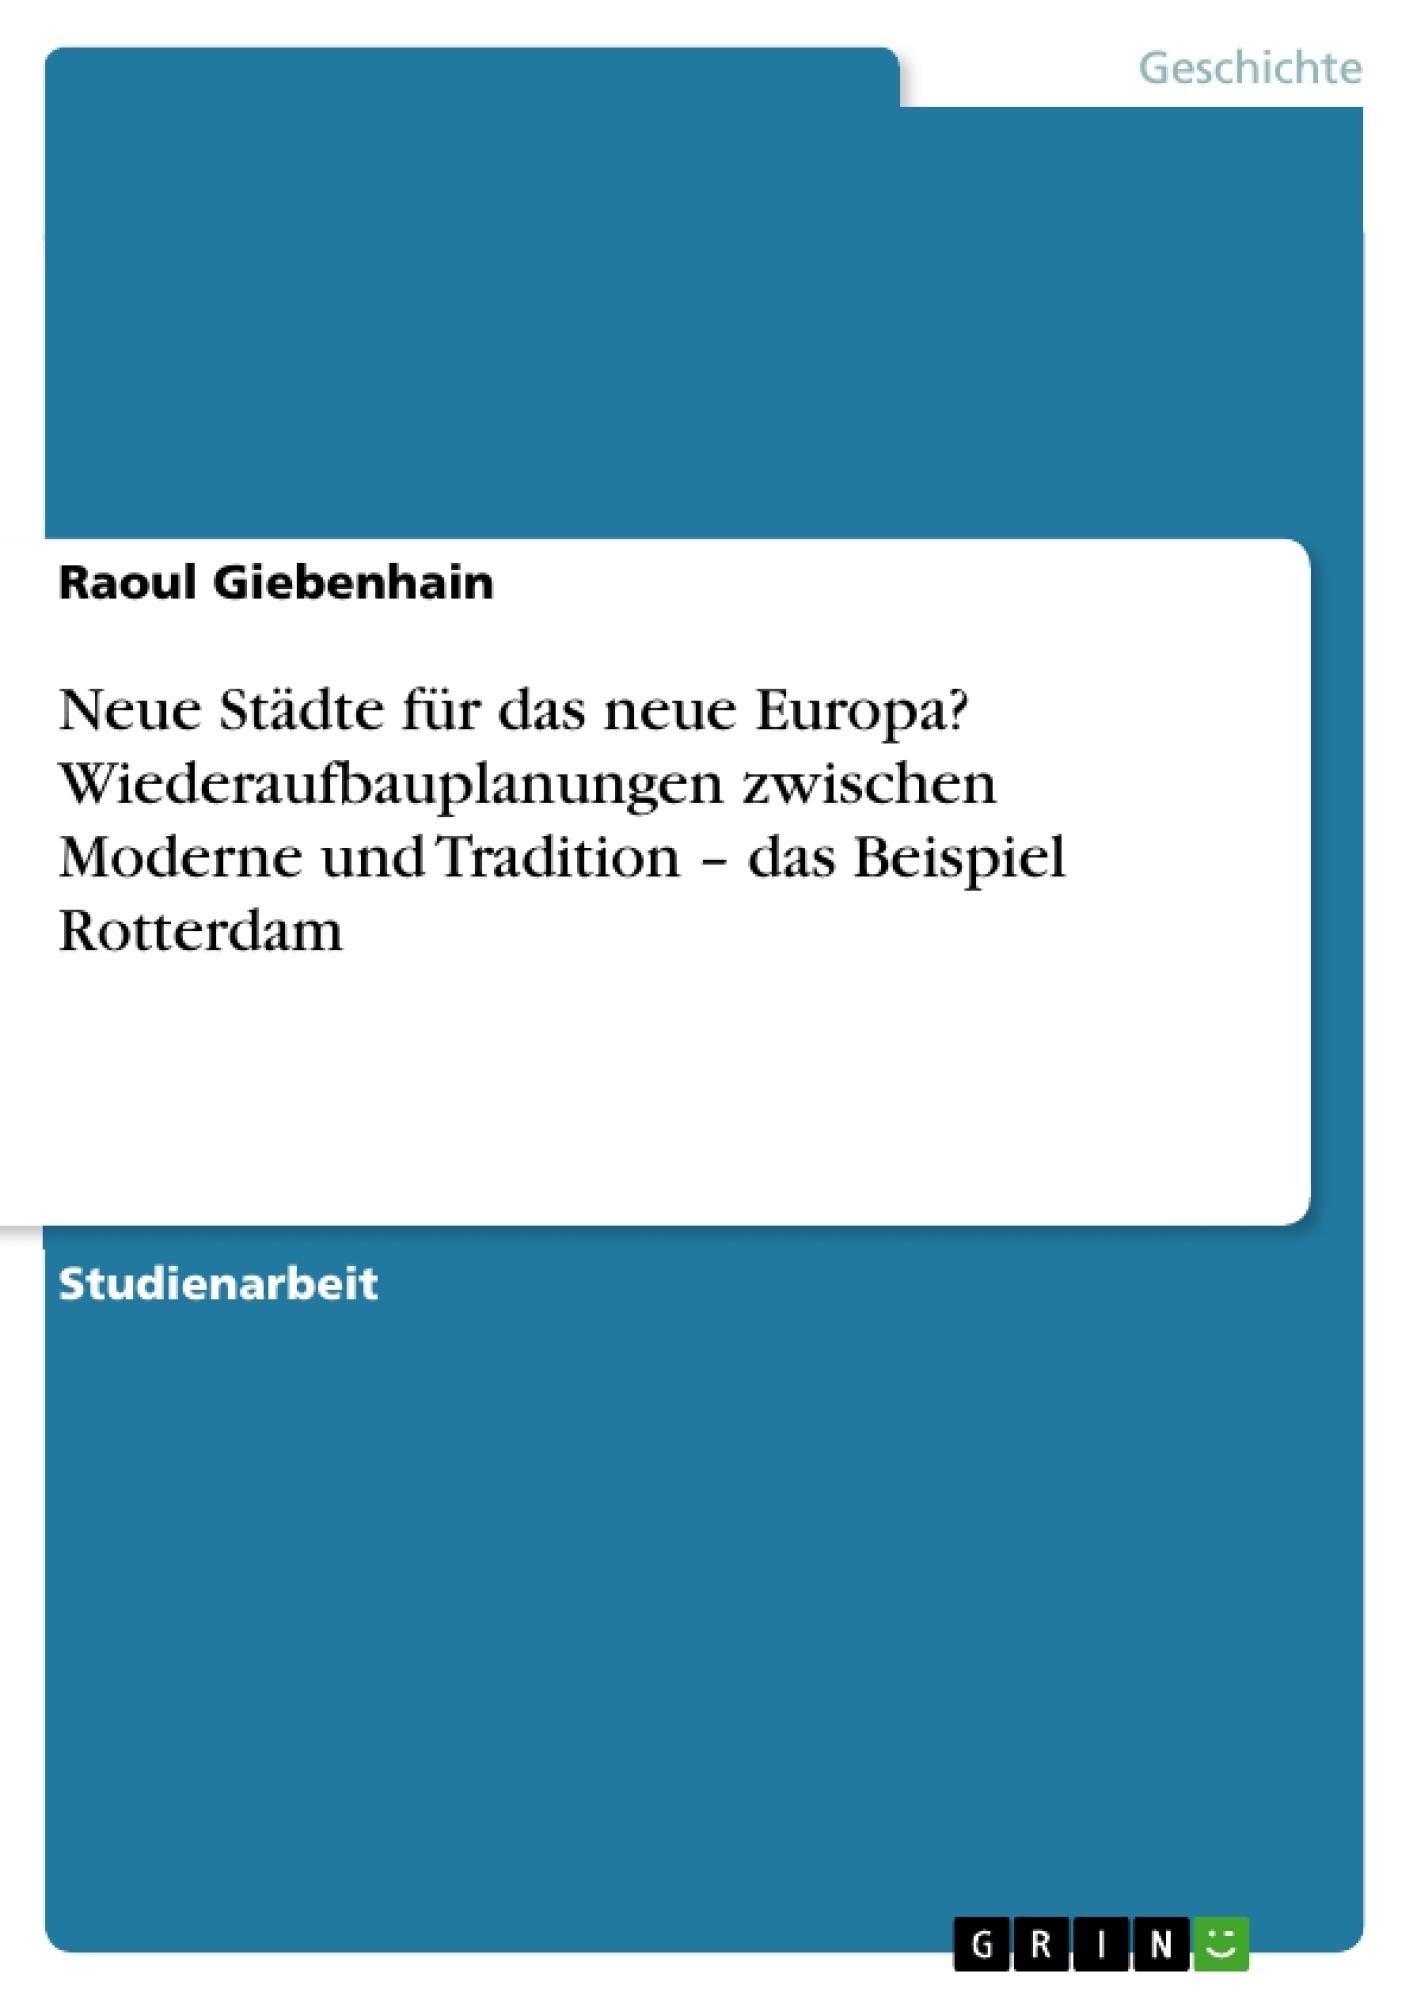 Titel: Neue Städte für das neue Europa? Wiederaufbauplanungen zwischen Moderne und Tradition – das Beispiel Rotterdam